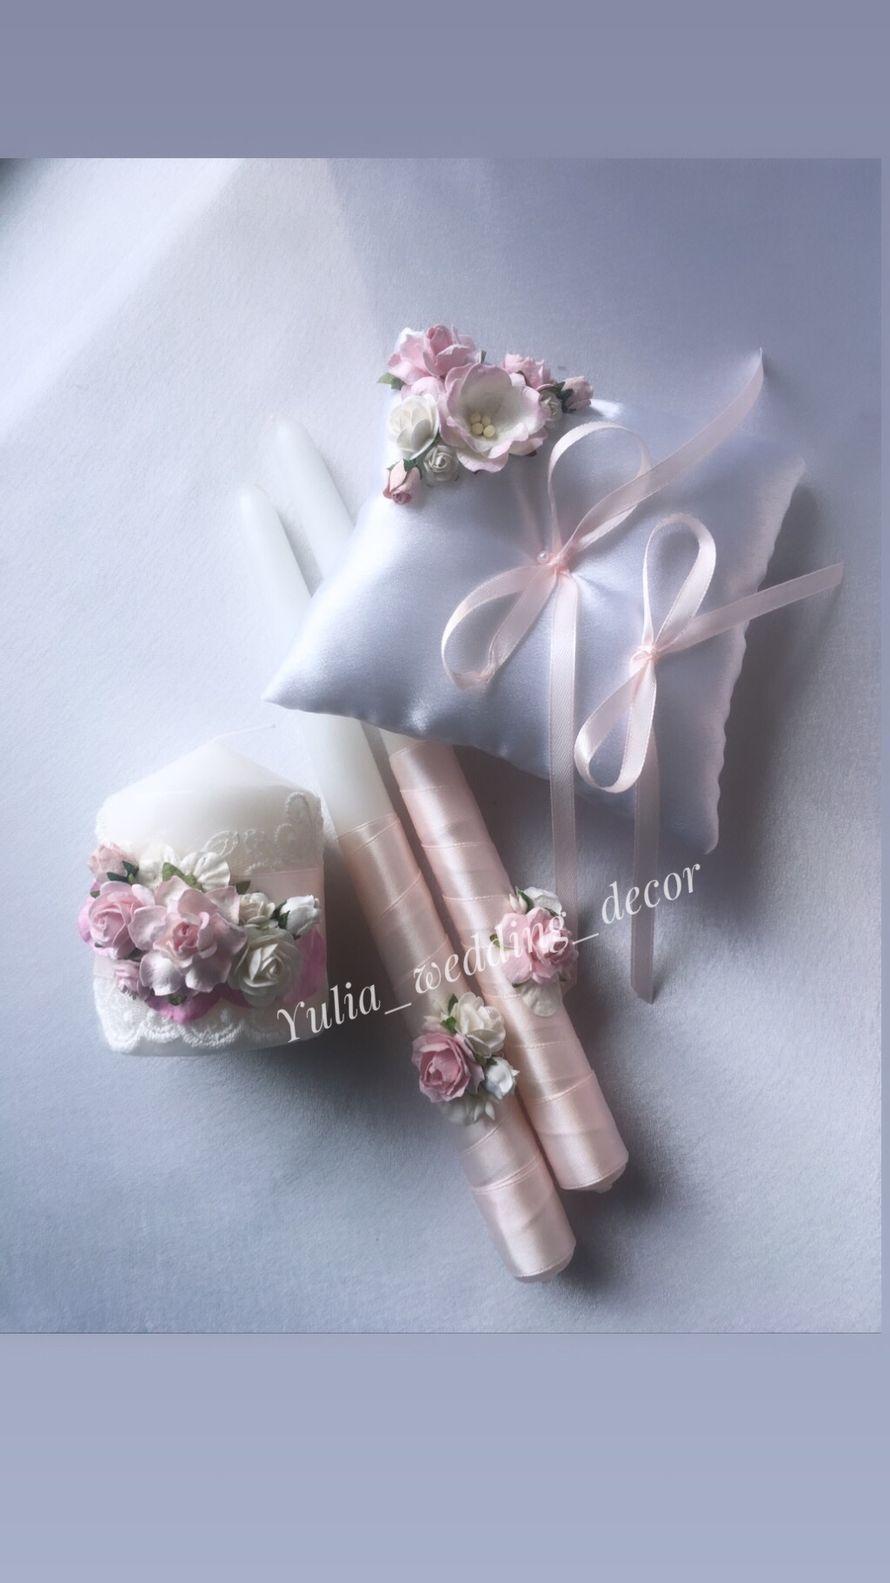 Фото 19225276 в коллекции Портфолио - Wedding accessories - мастерская аксессуаров